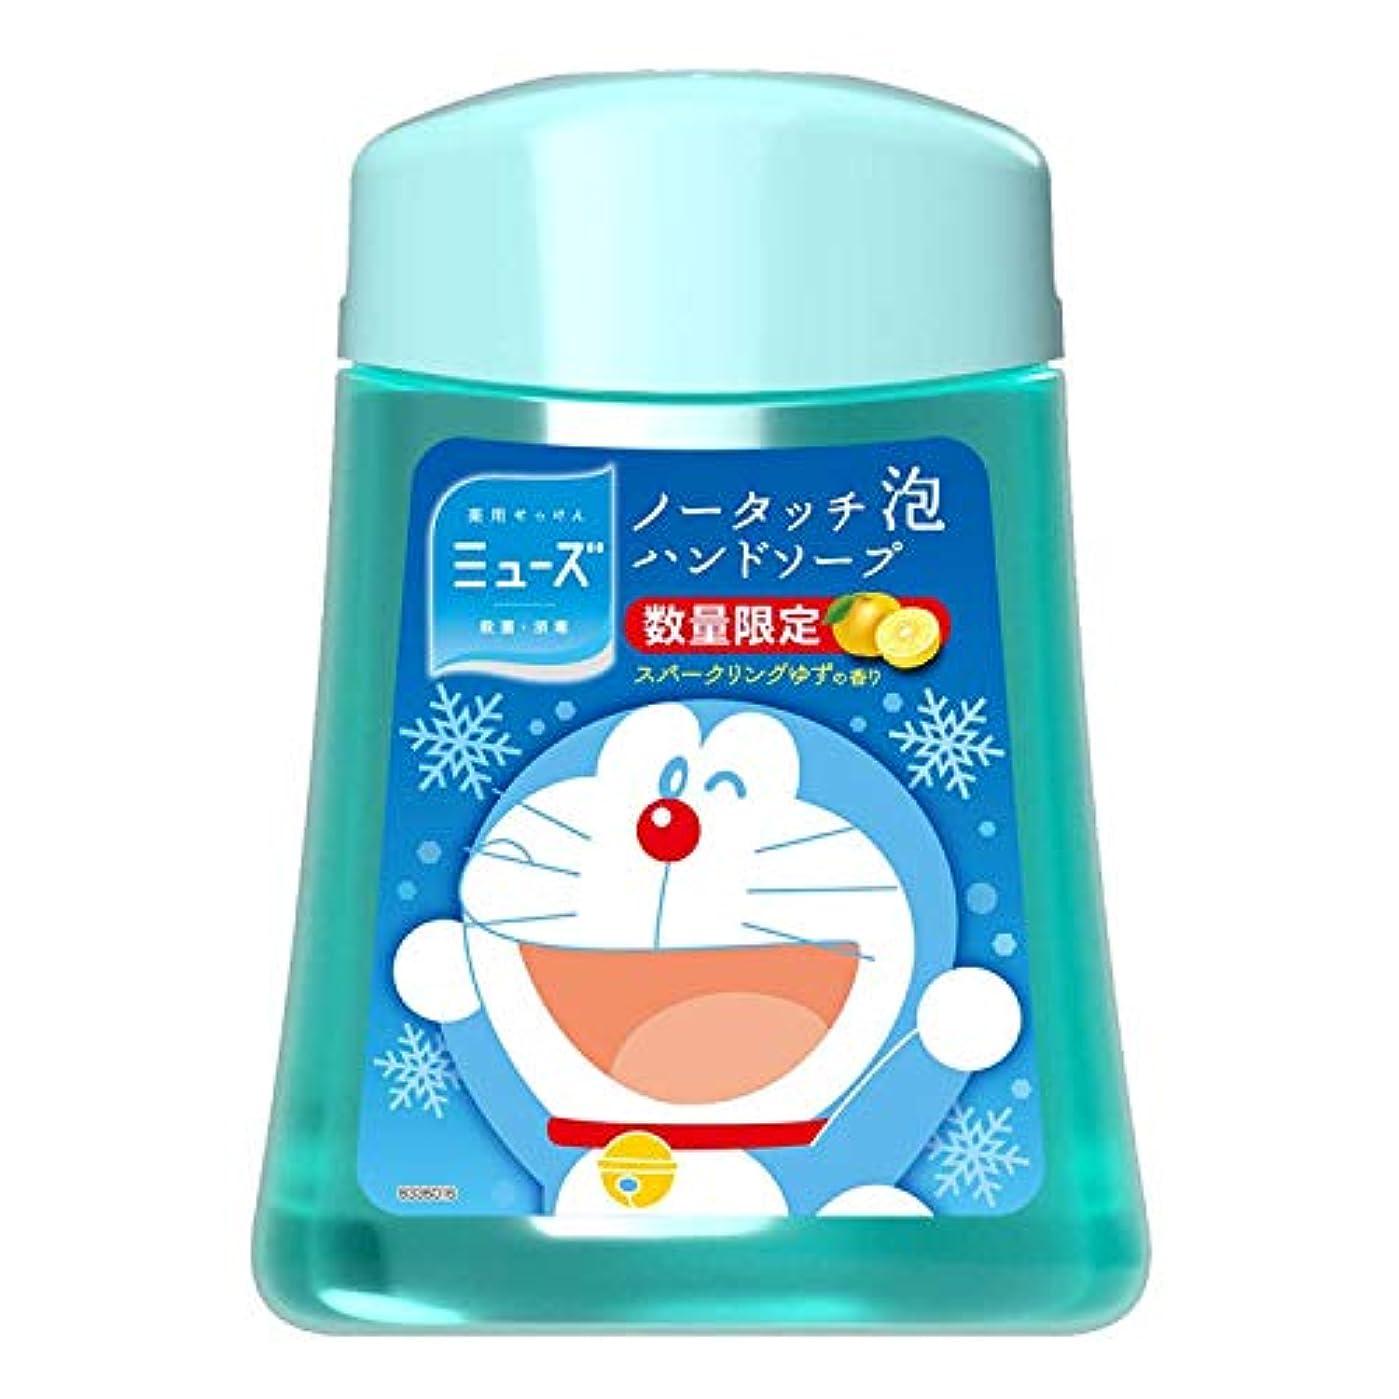 【医薬部外品】ミューズ ドラえもん ノータッチ 泡 ハンドソープ 詰め替え スパークリングゆず 250ml